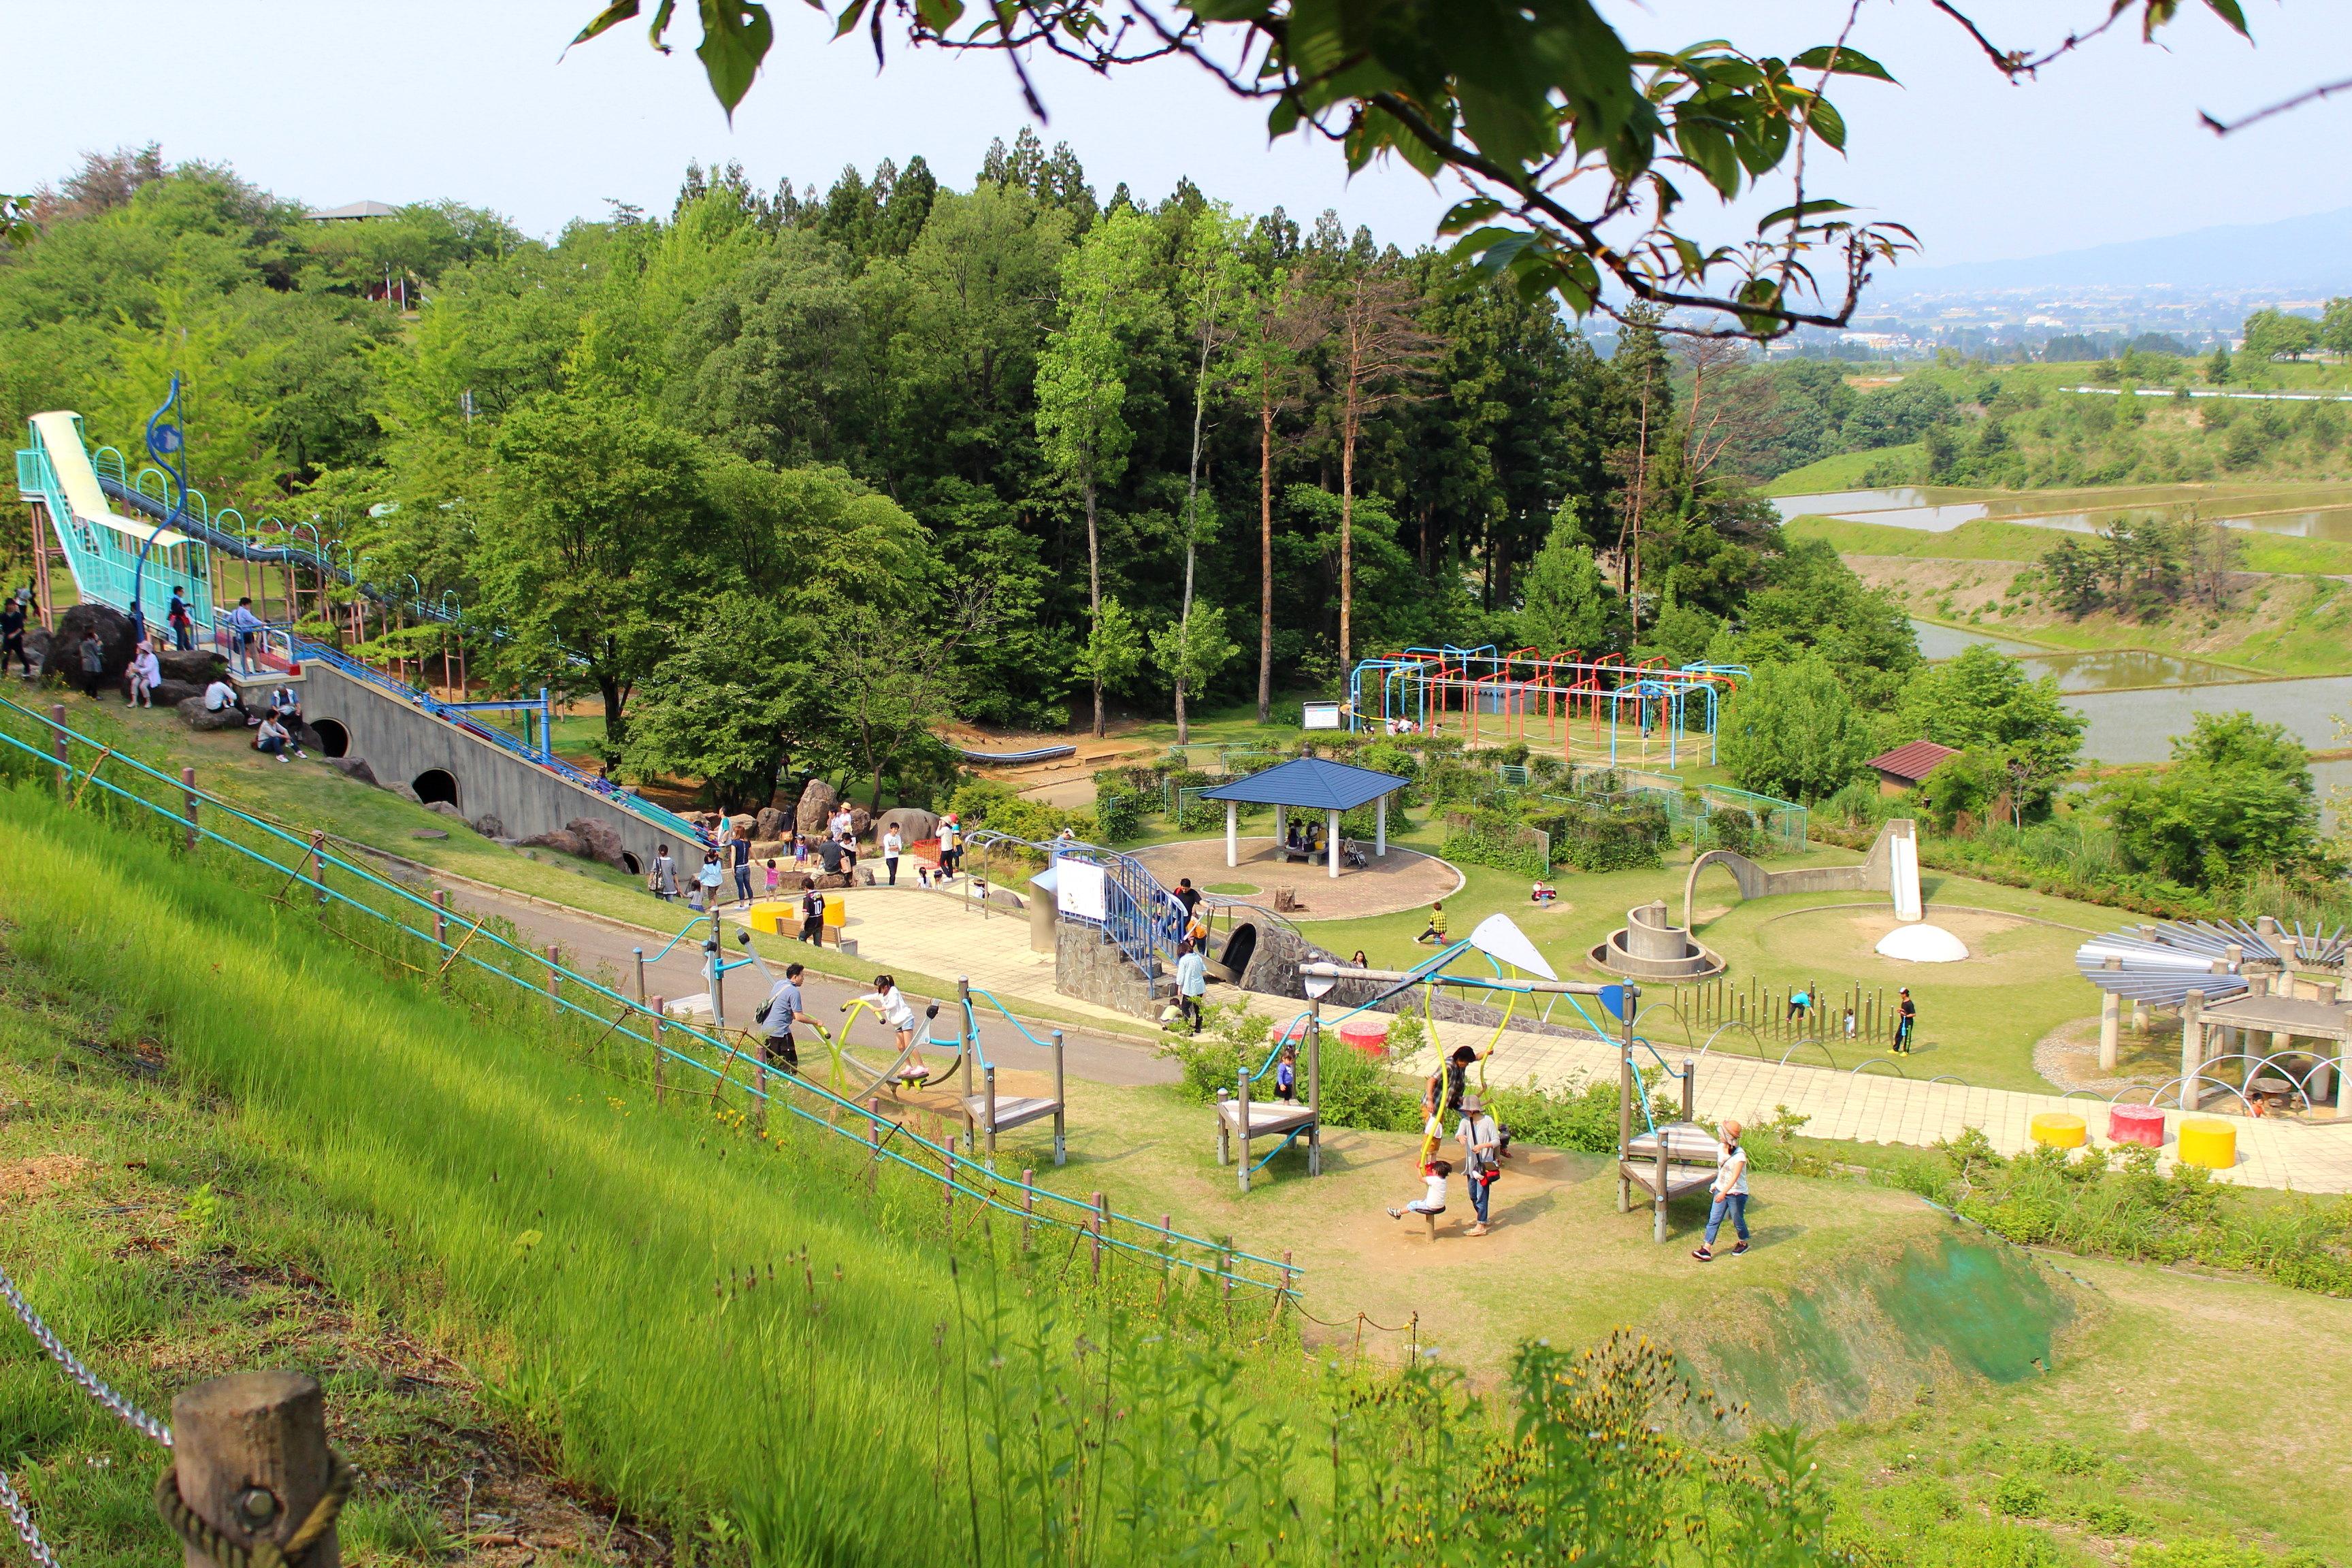 【桜ヶ池公園】遊具広場やボート乗りで優雅な休日を楽しんできた